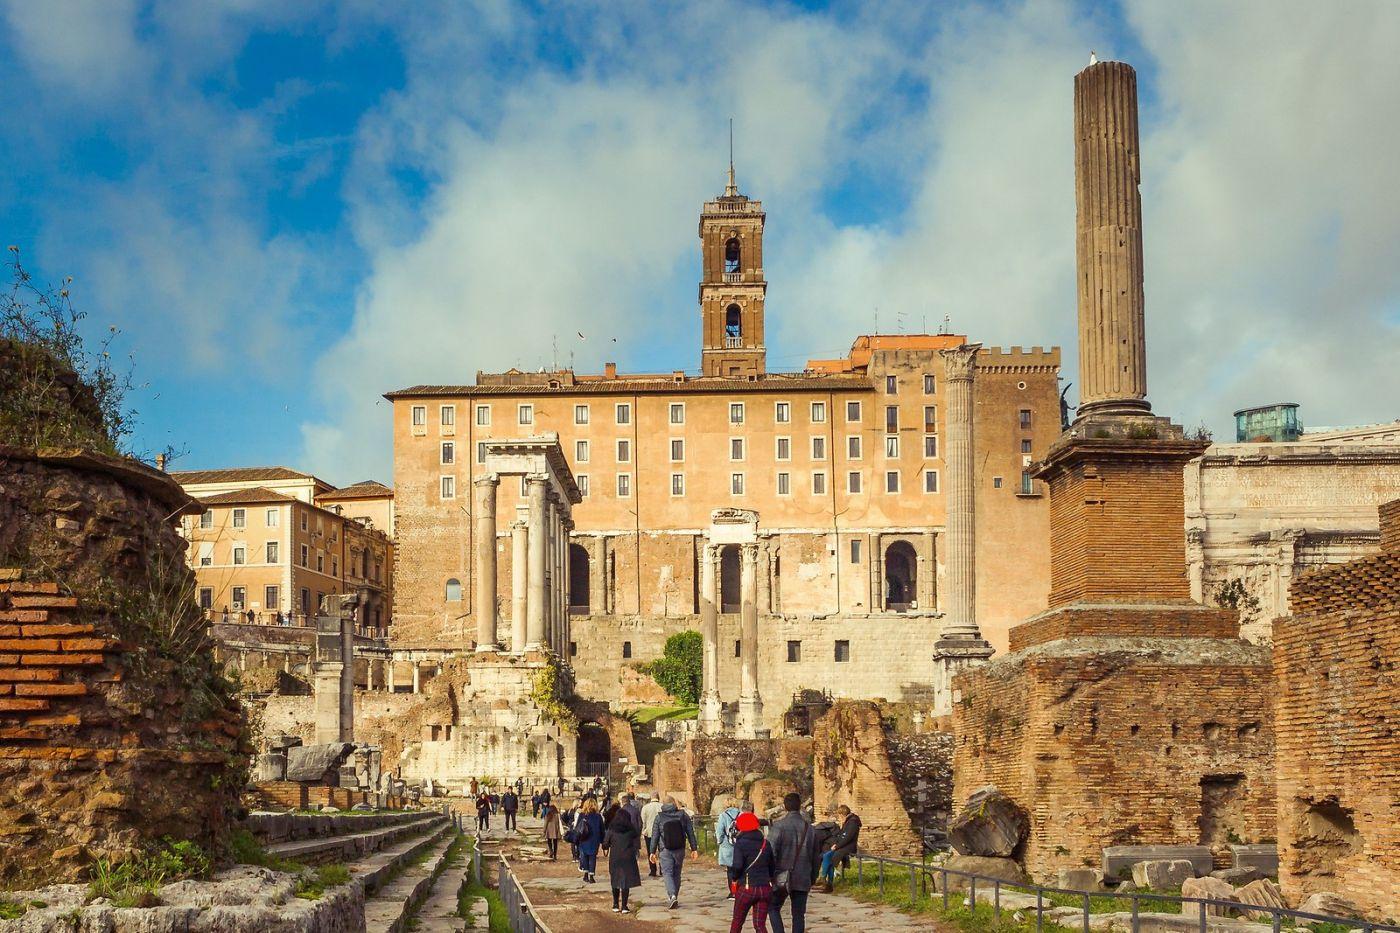 意大利罗马论坛,二千年的历史_图1-12